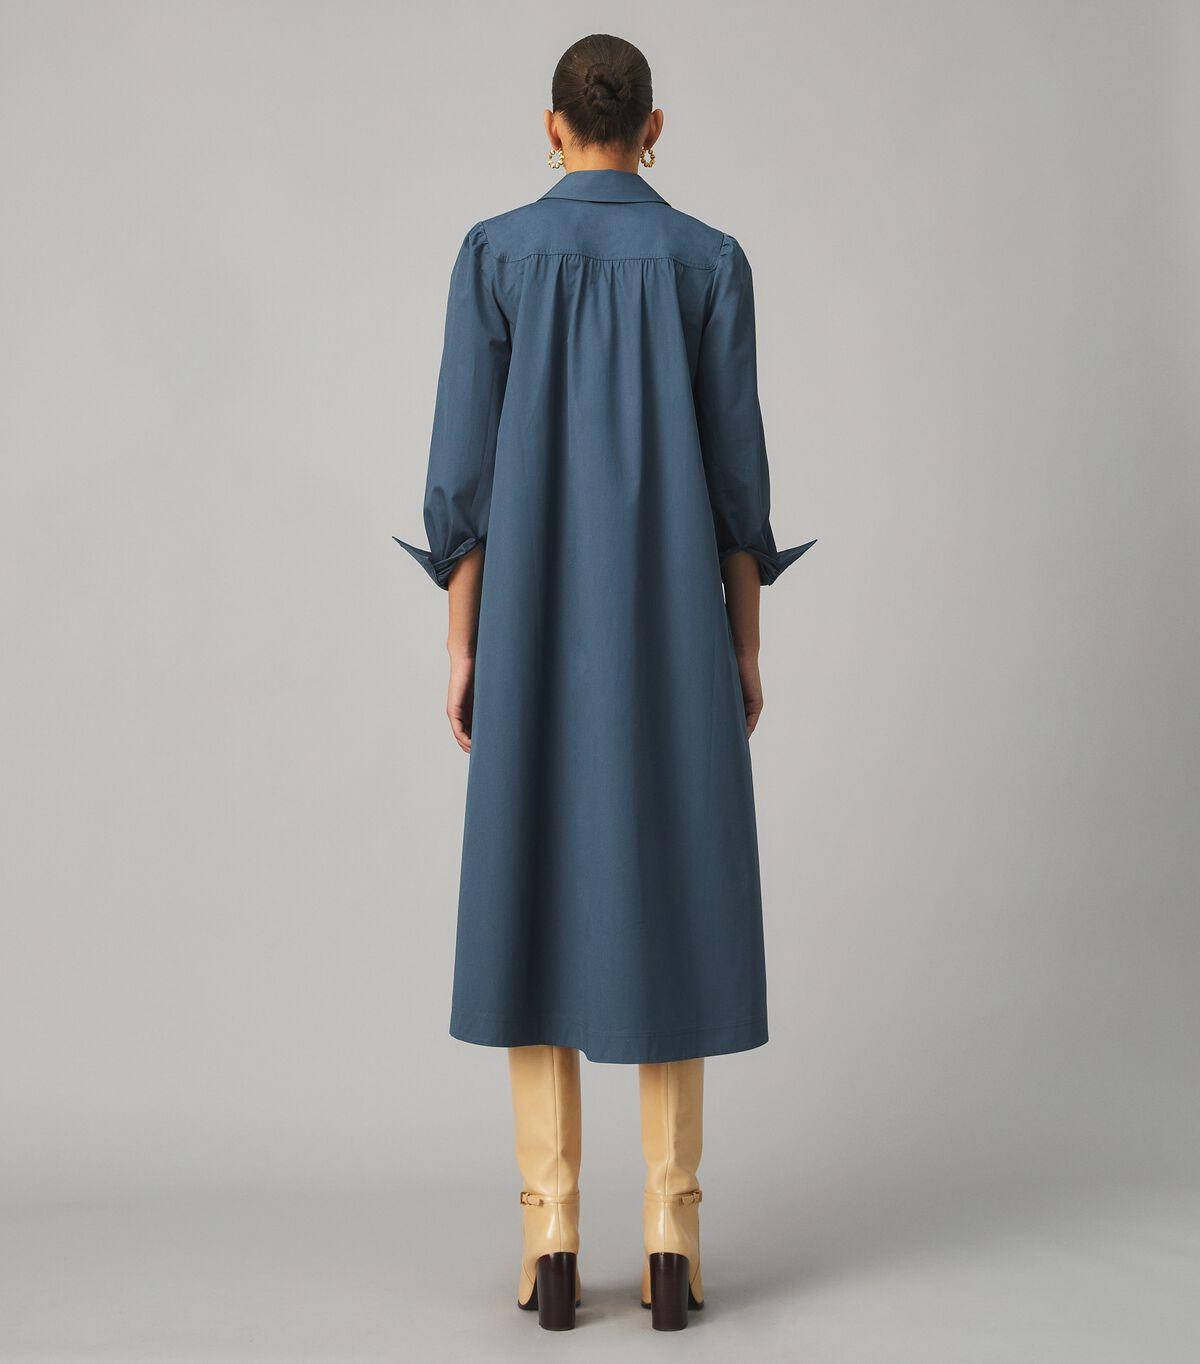 Artist Dress